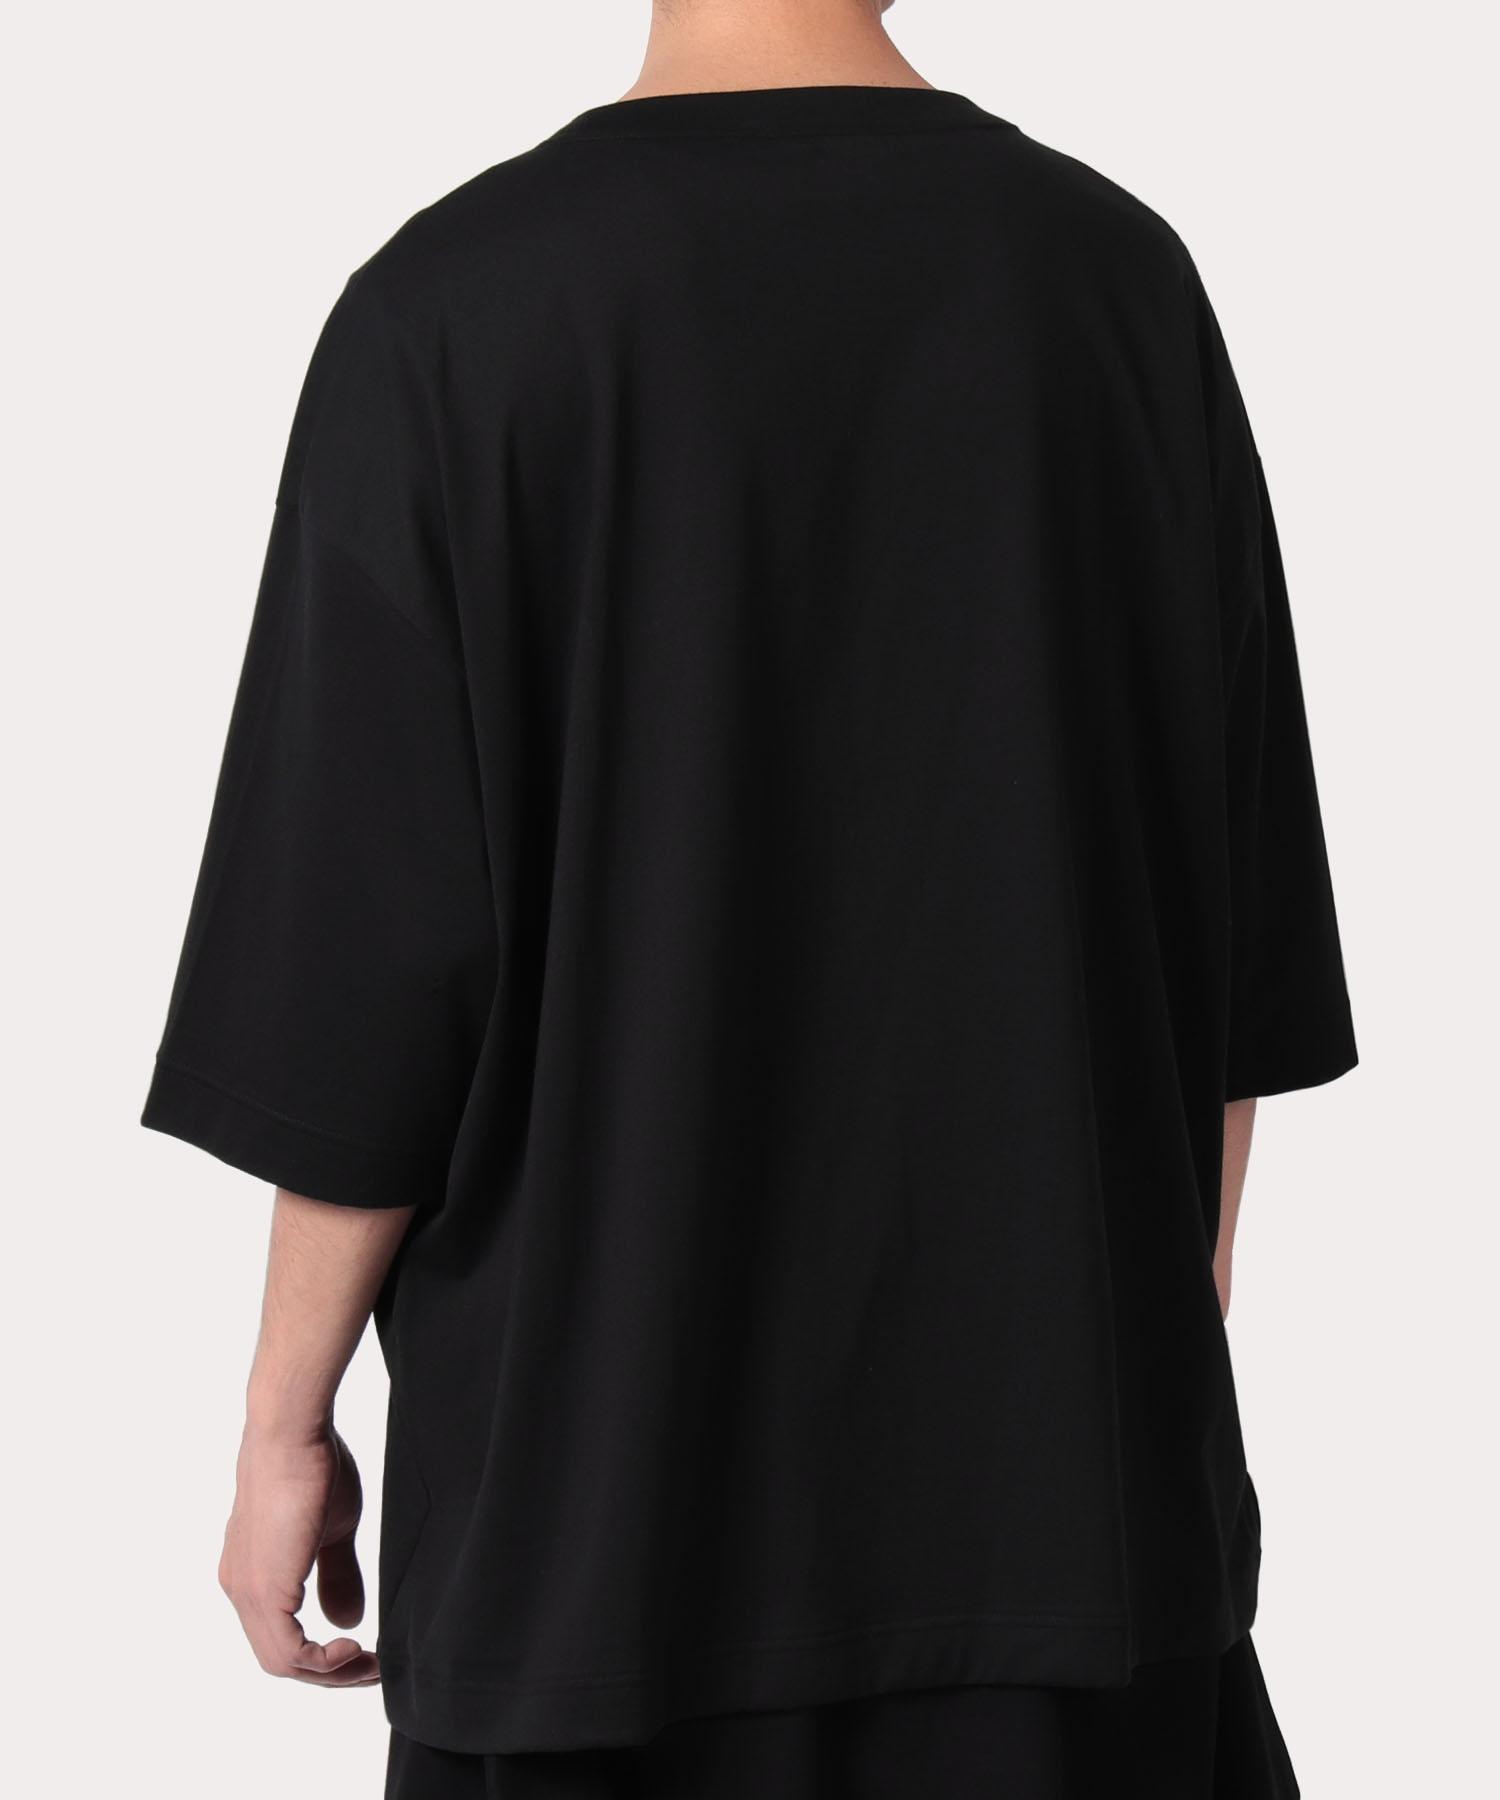 アートラバー ビッグTシャツ